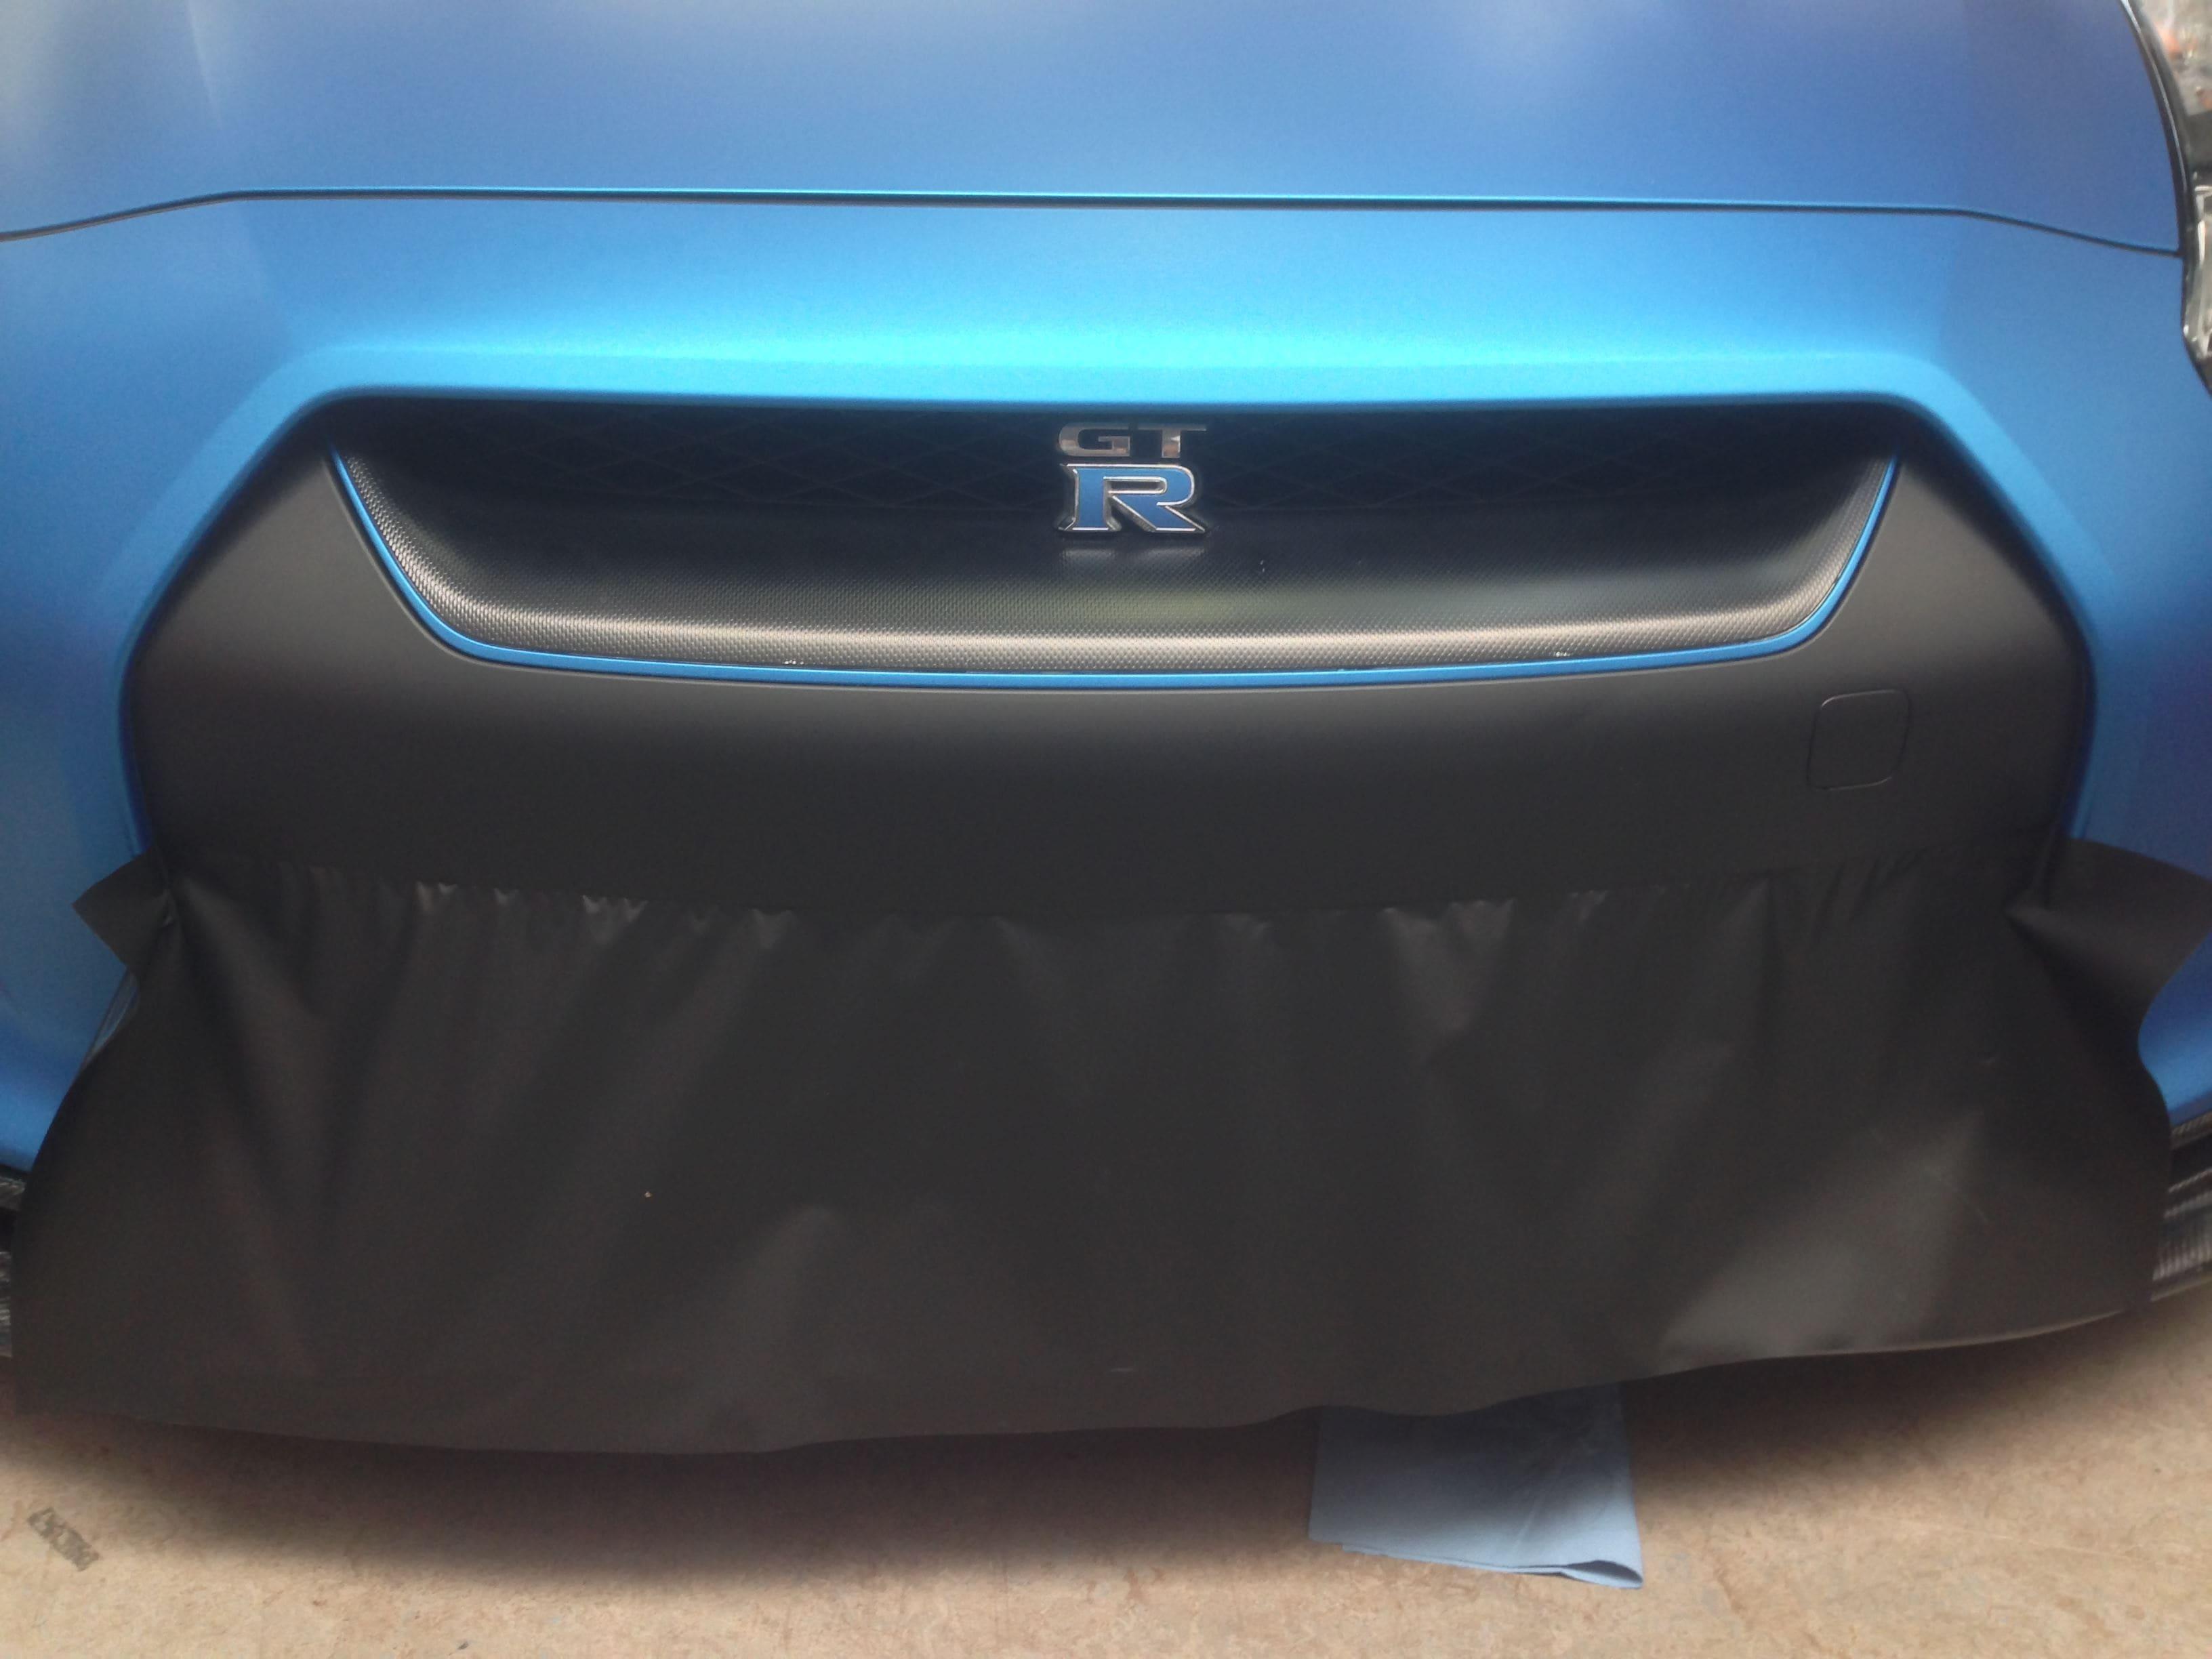 Nissan GT-R in Mat Blauwe Wrap, Carwrapping door Wrapmyride.nu Foto-nr:6532, ©2021